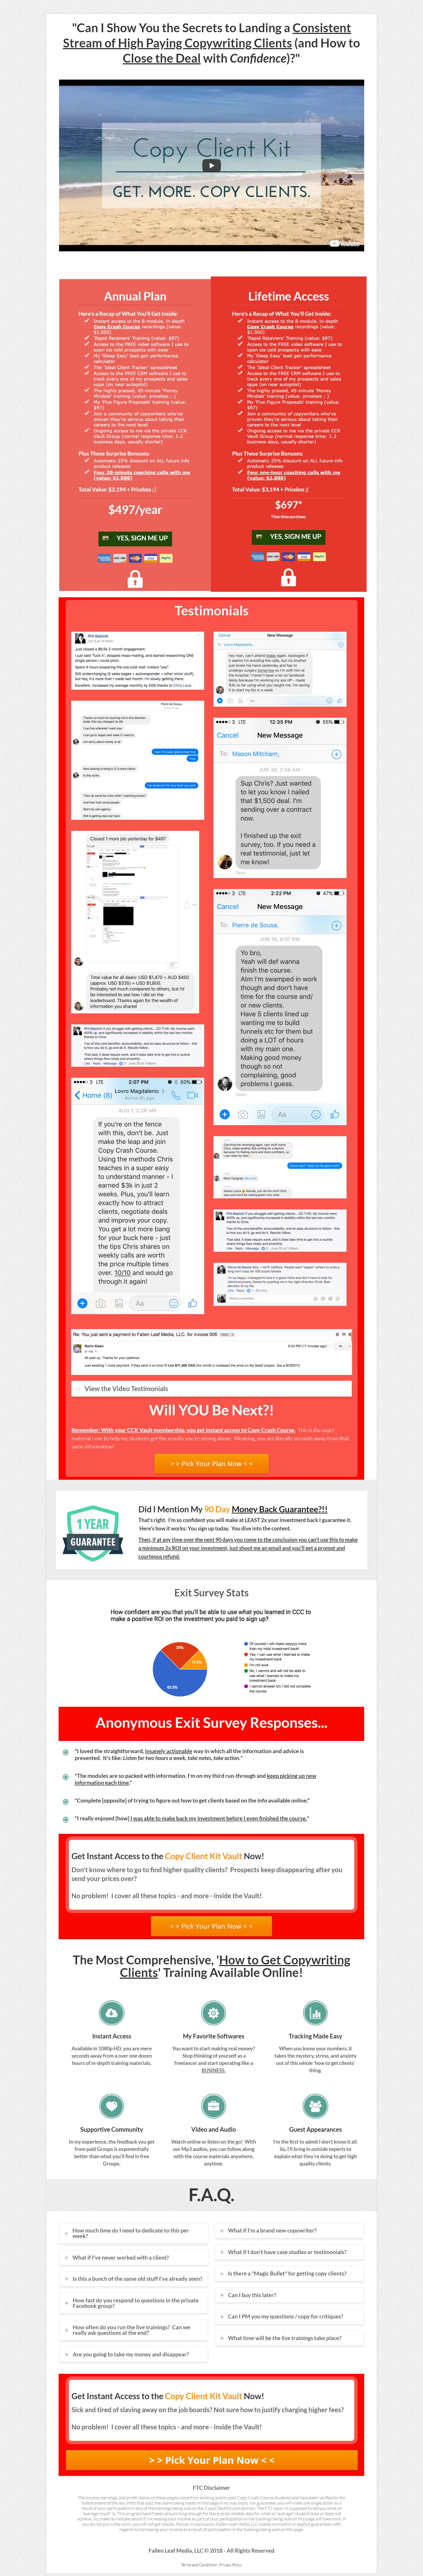 获得源源不断的高薪文案客户的秘诀(Copy Client Kit)